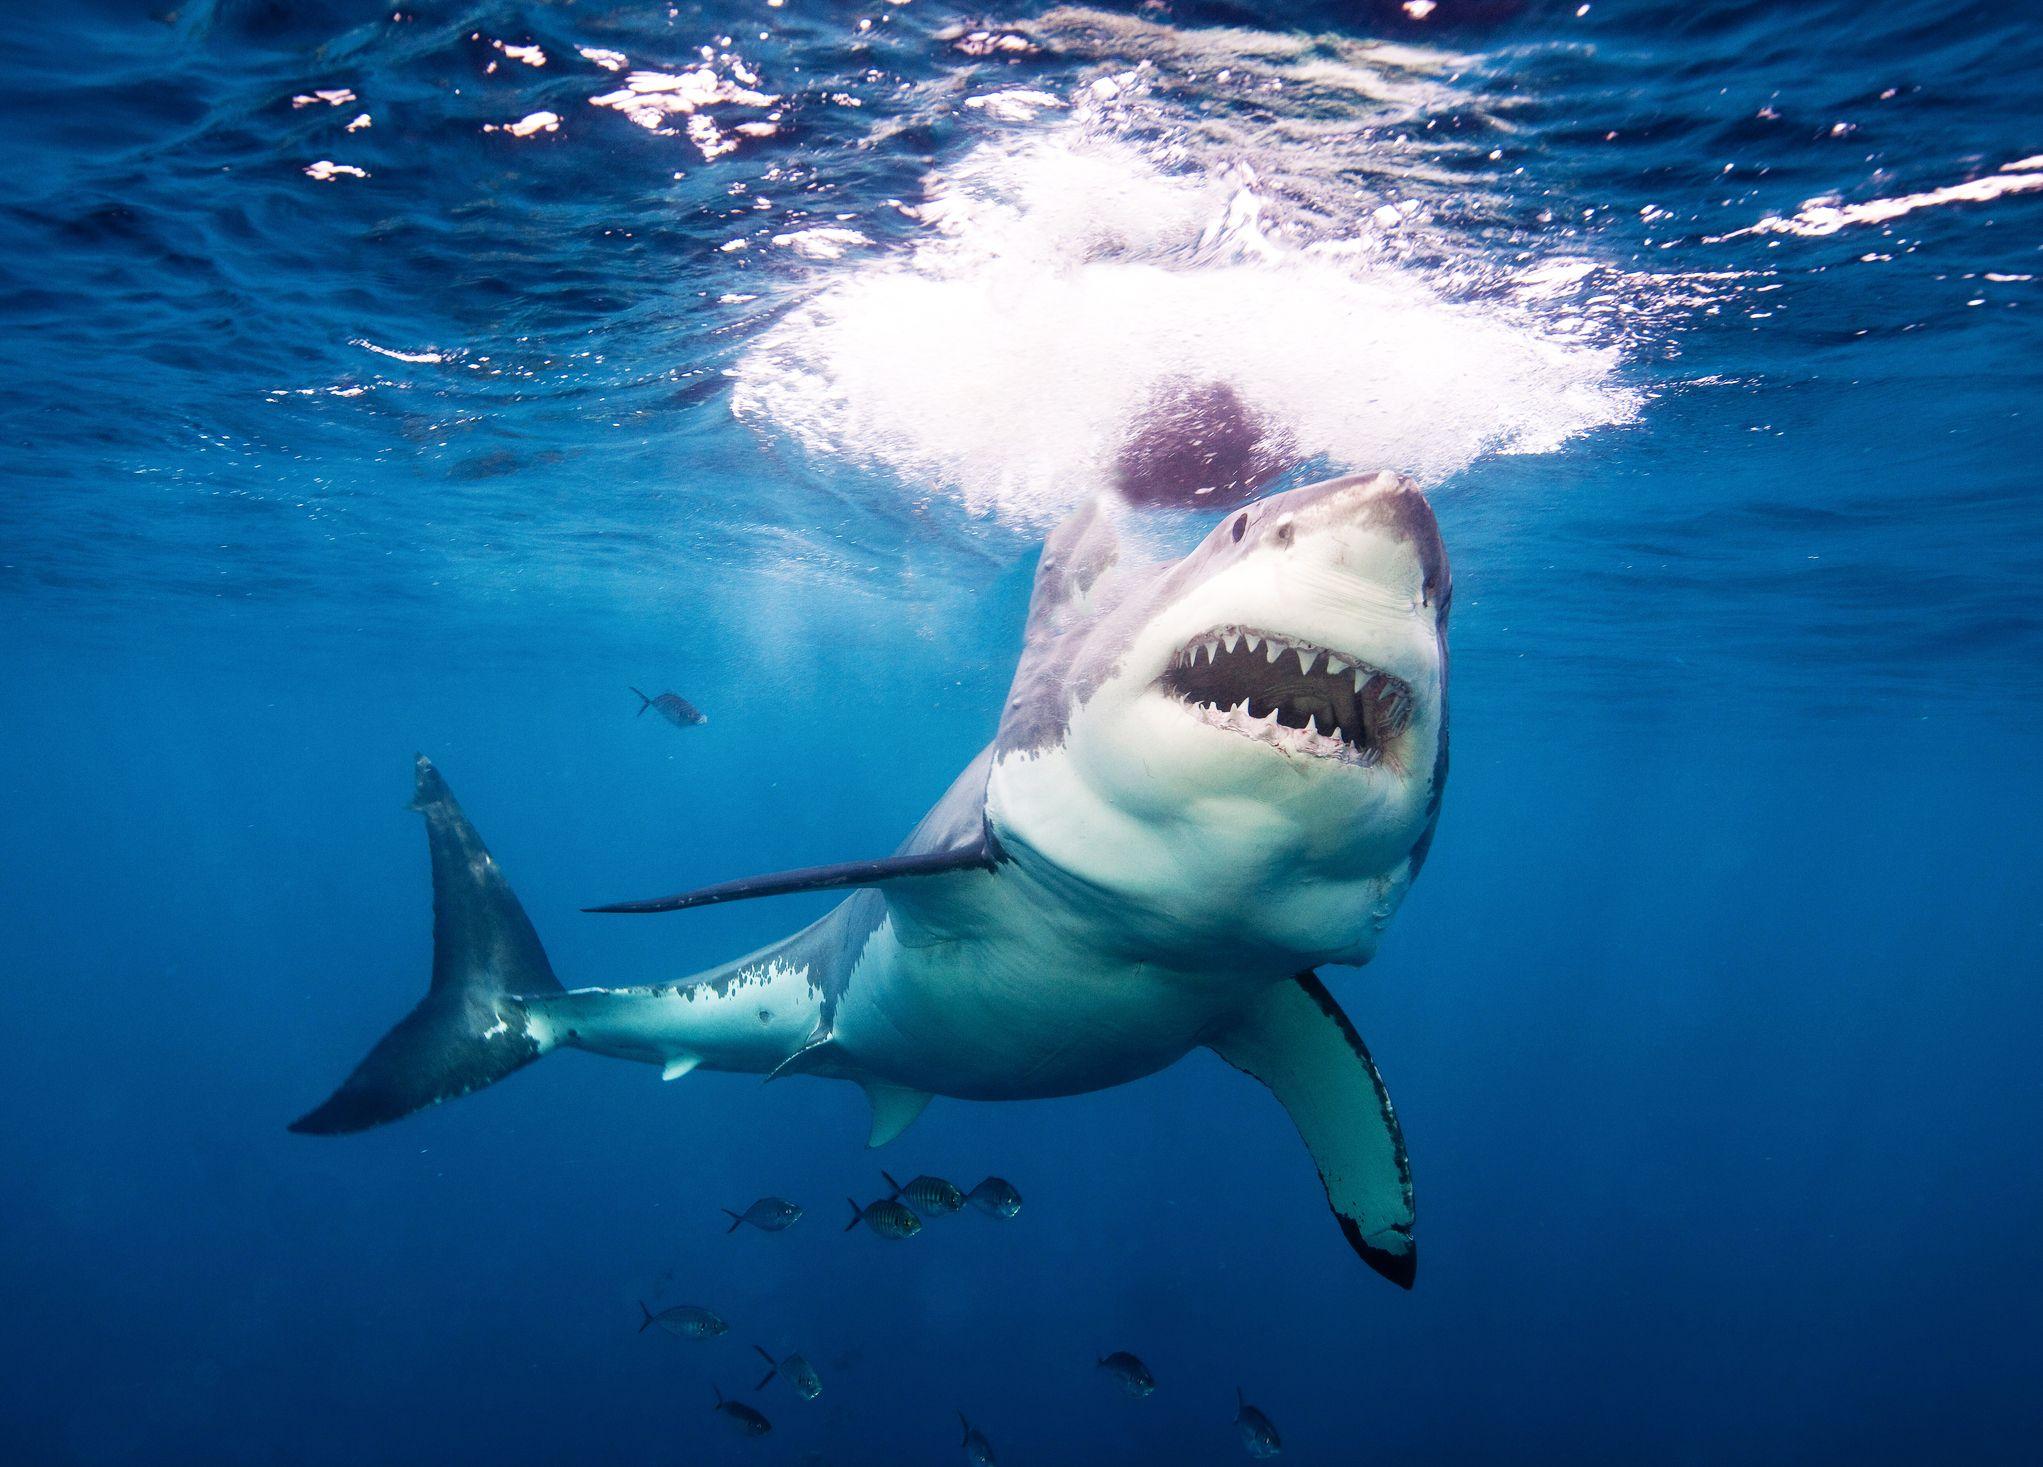 Il video da urlo di uno squalo che attacca un surfista, che lo prende a pugni